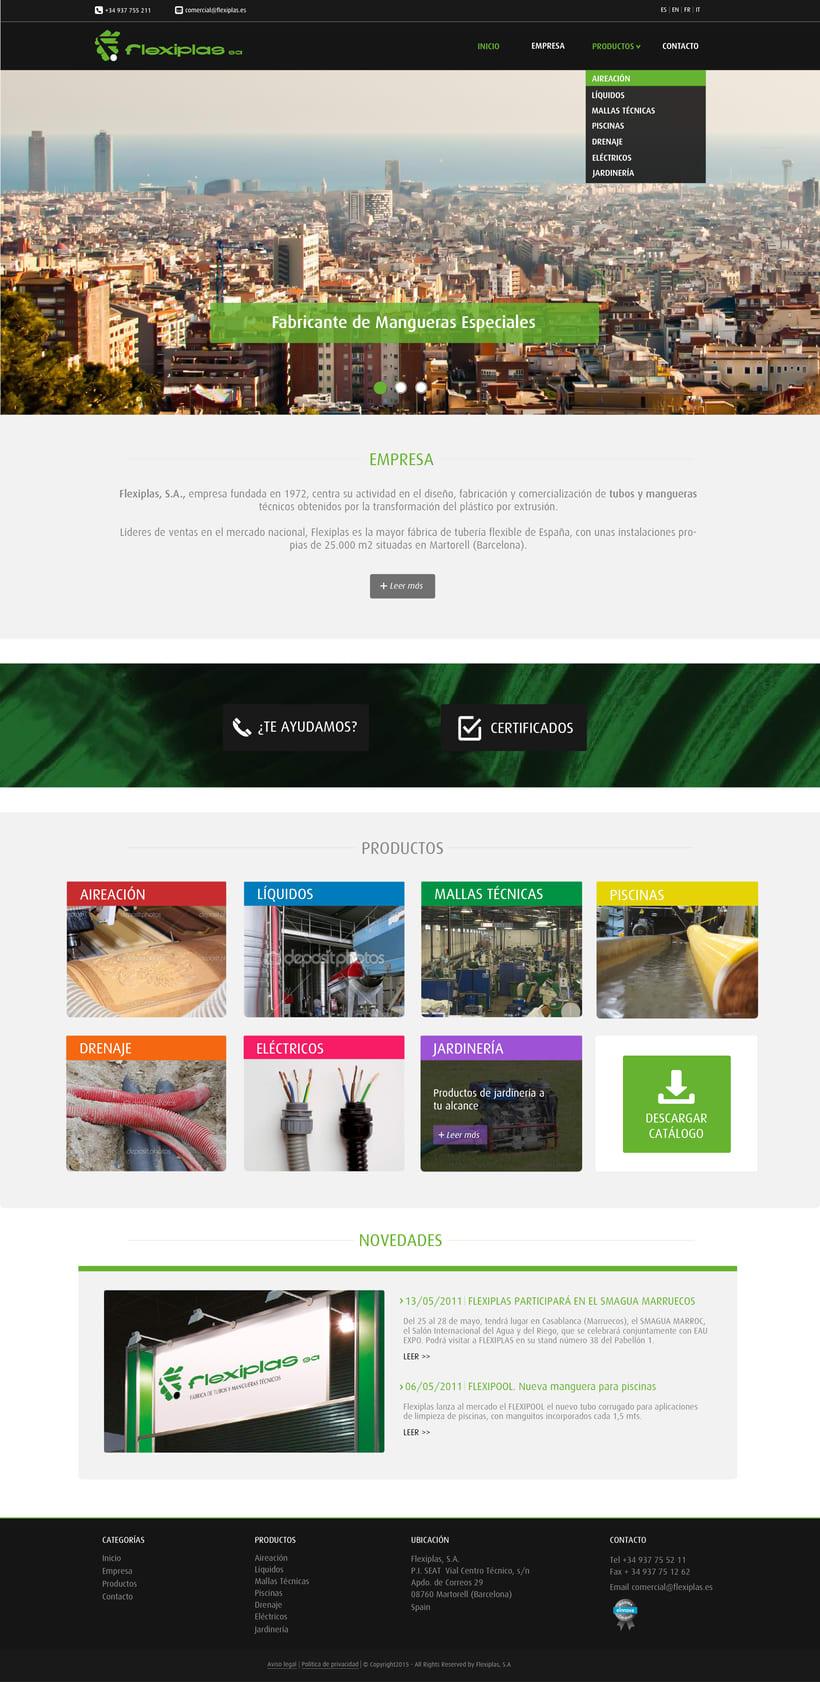 Diseño de portada de web corporativa para 'Flexiplas' 0